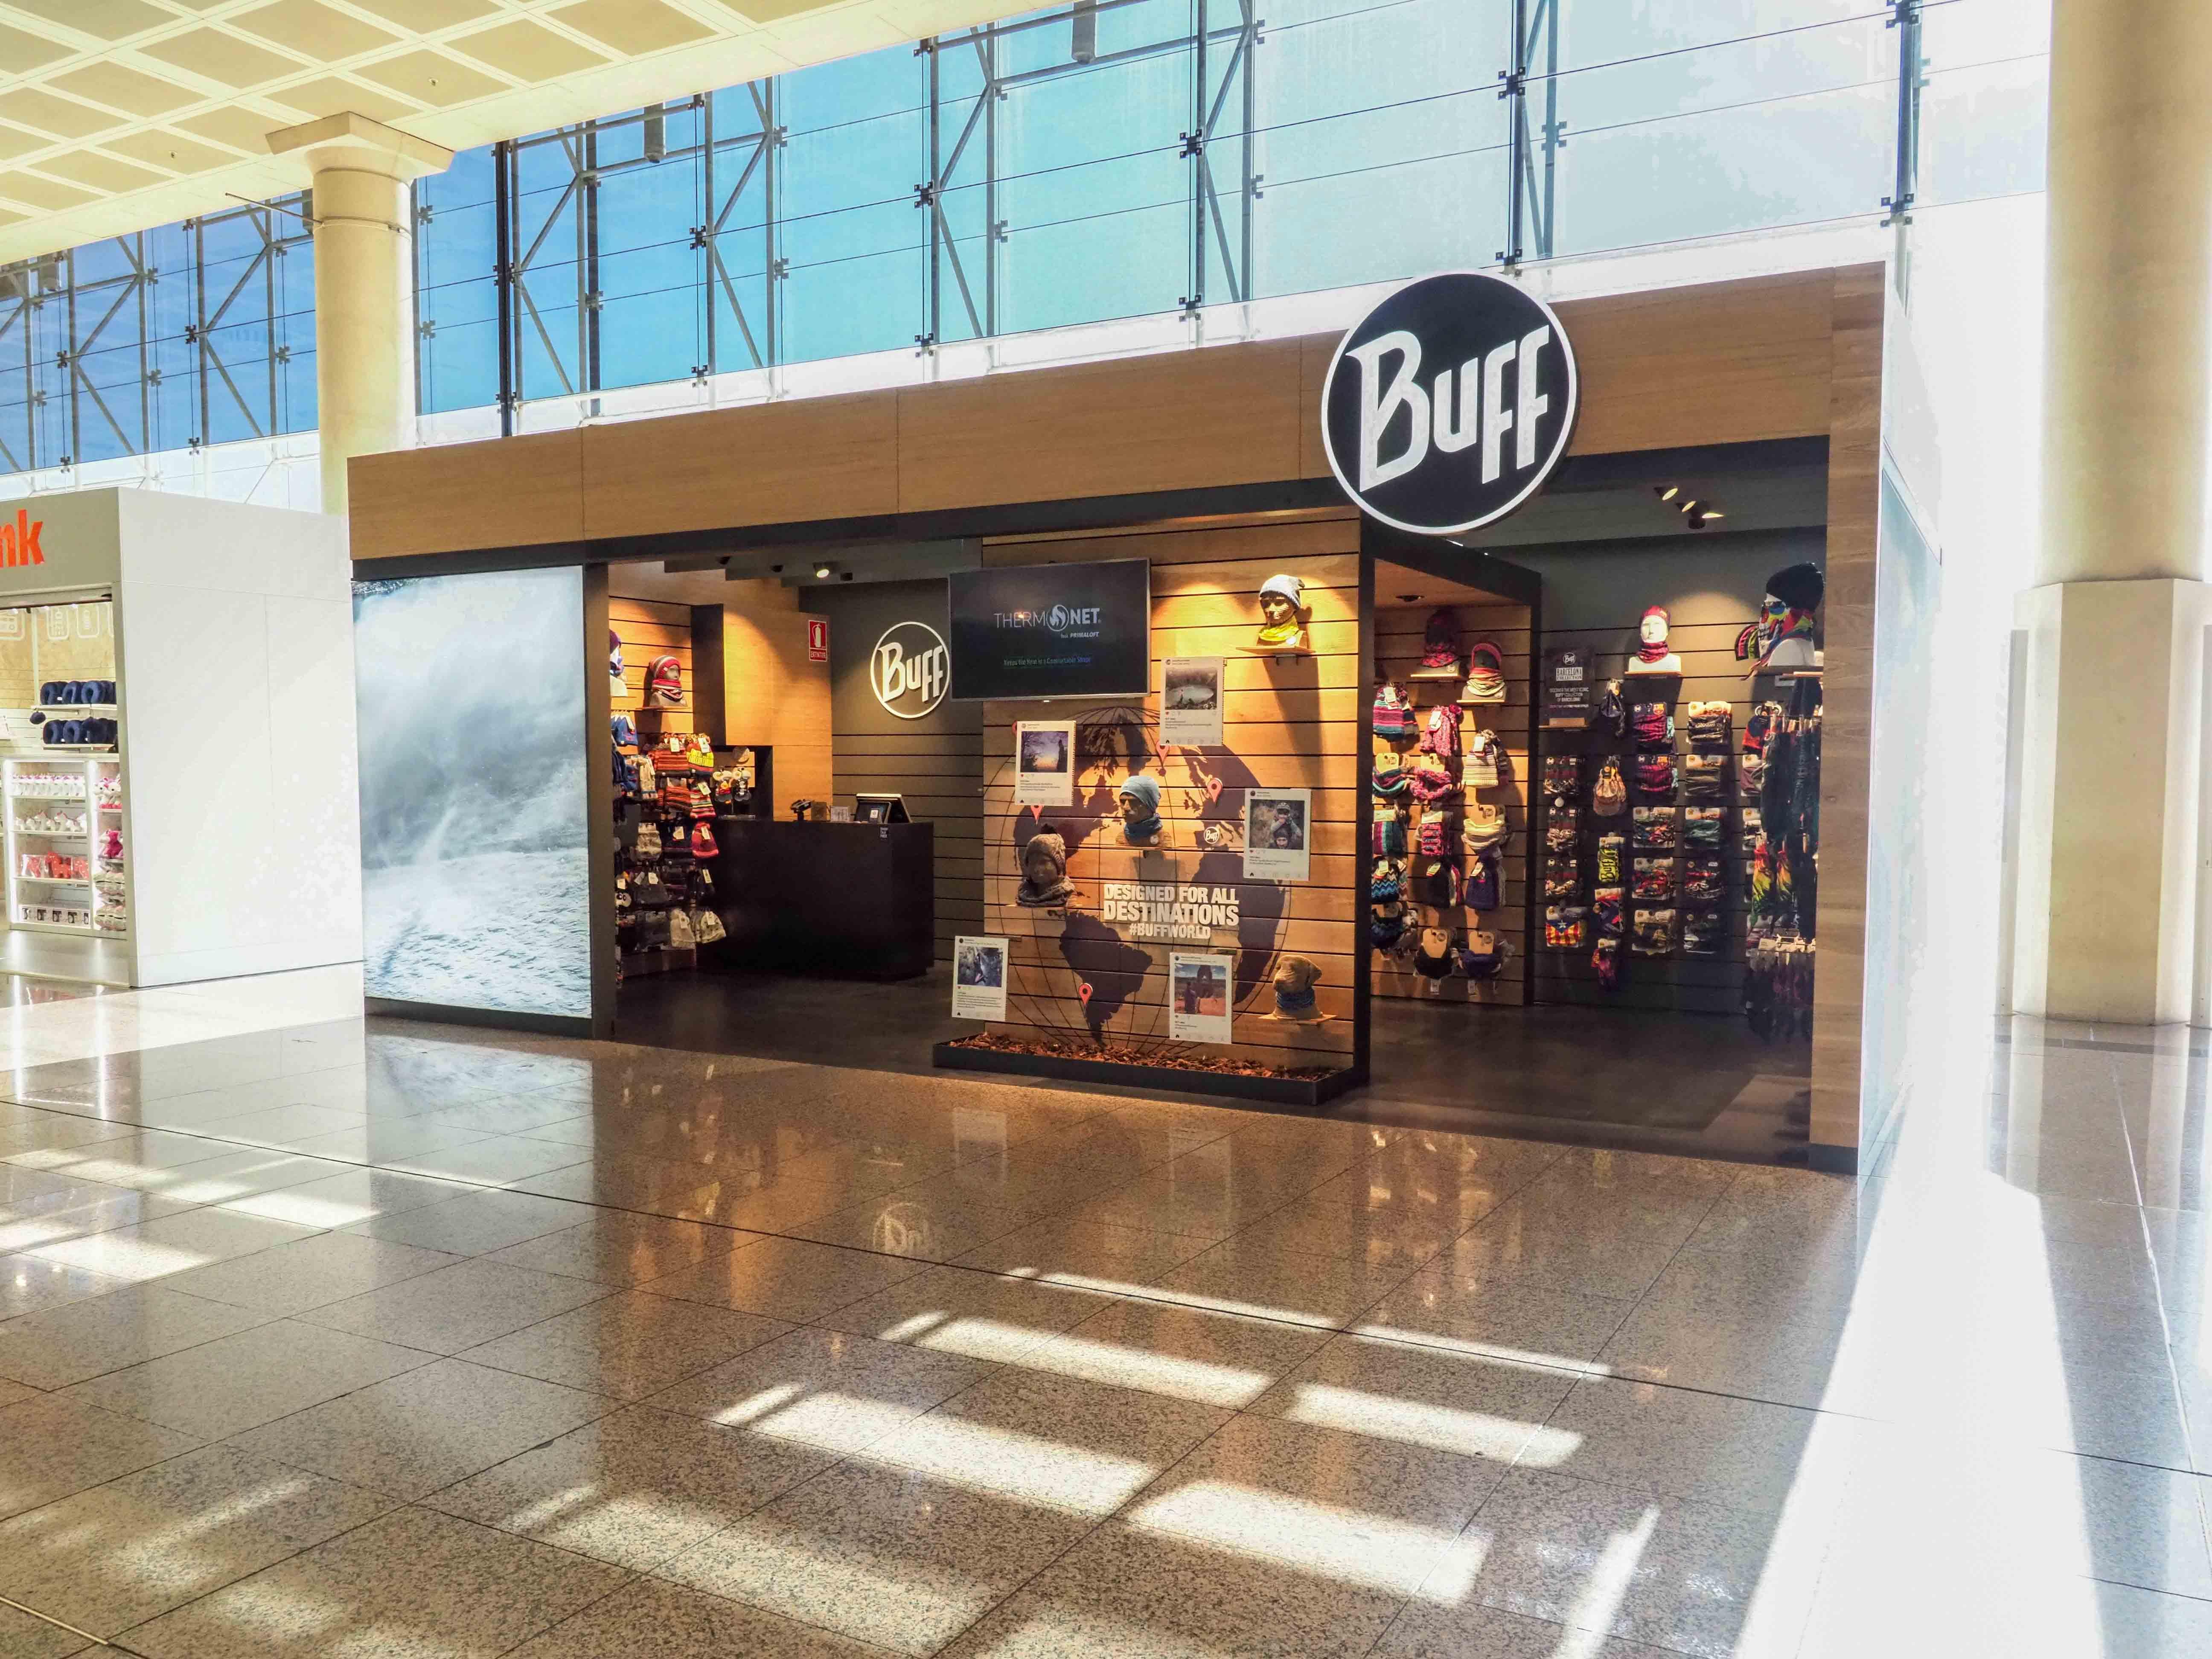 Buff abre un nuevo local en la terminal 2 del Aeropuerto de Barcelona